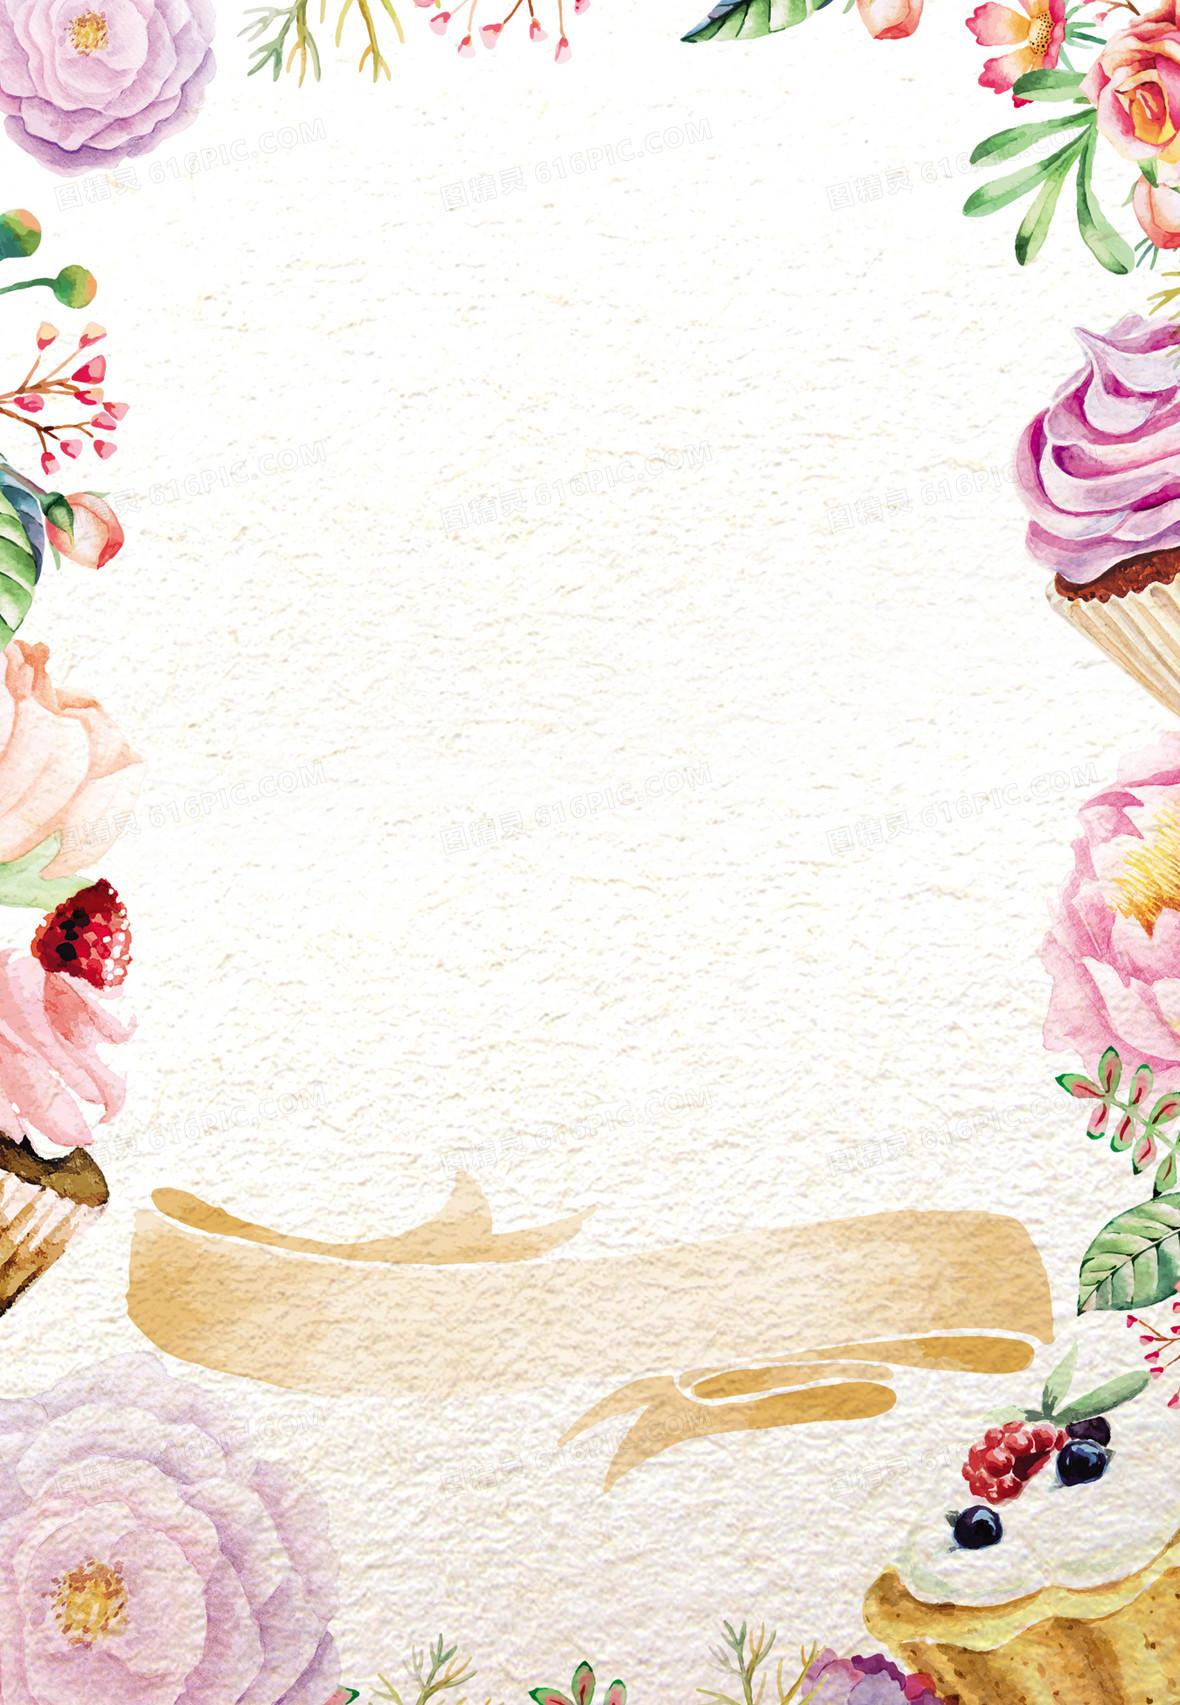 妇女节手绘玫瑰海报背景素材